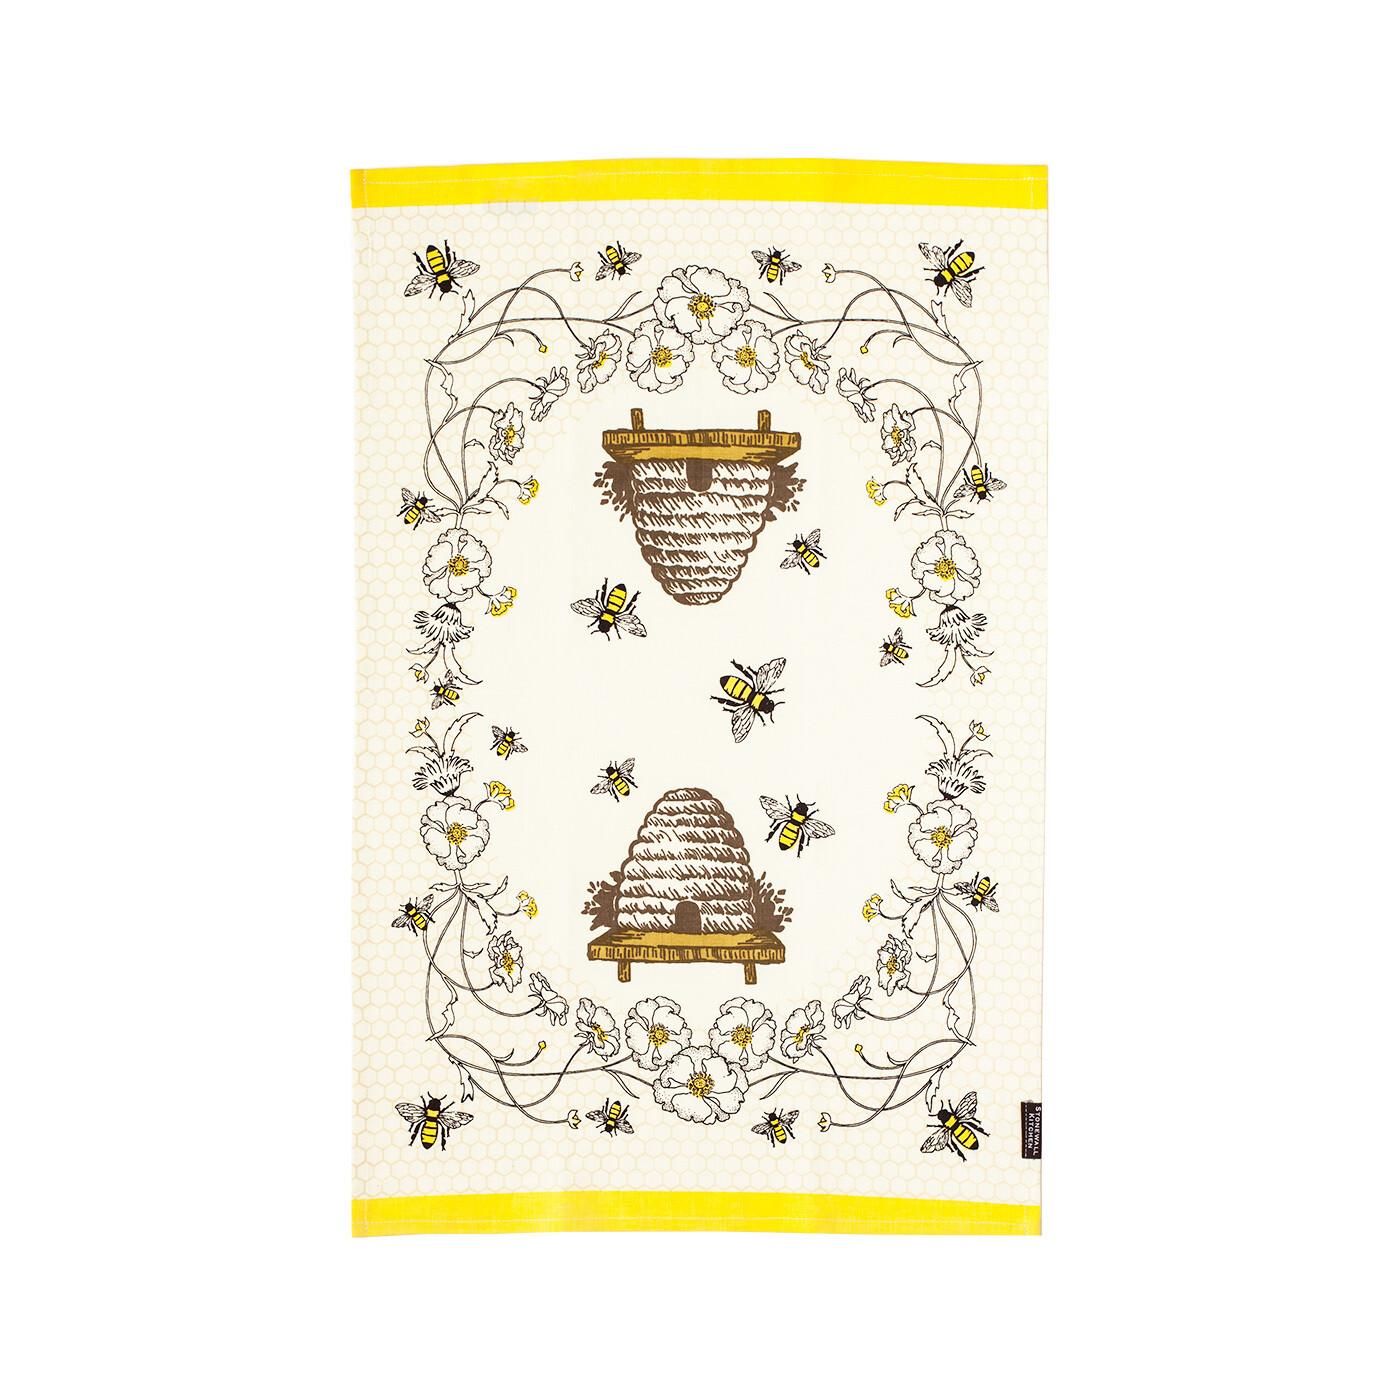 Beehive towel